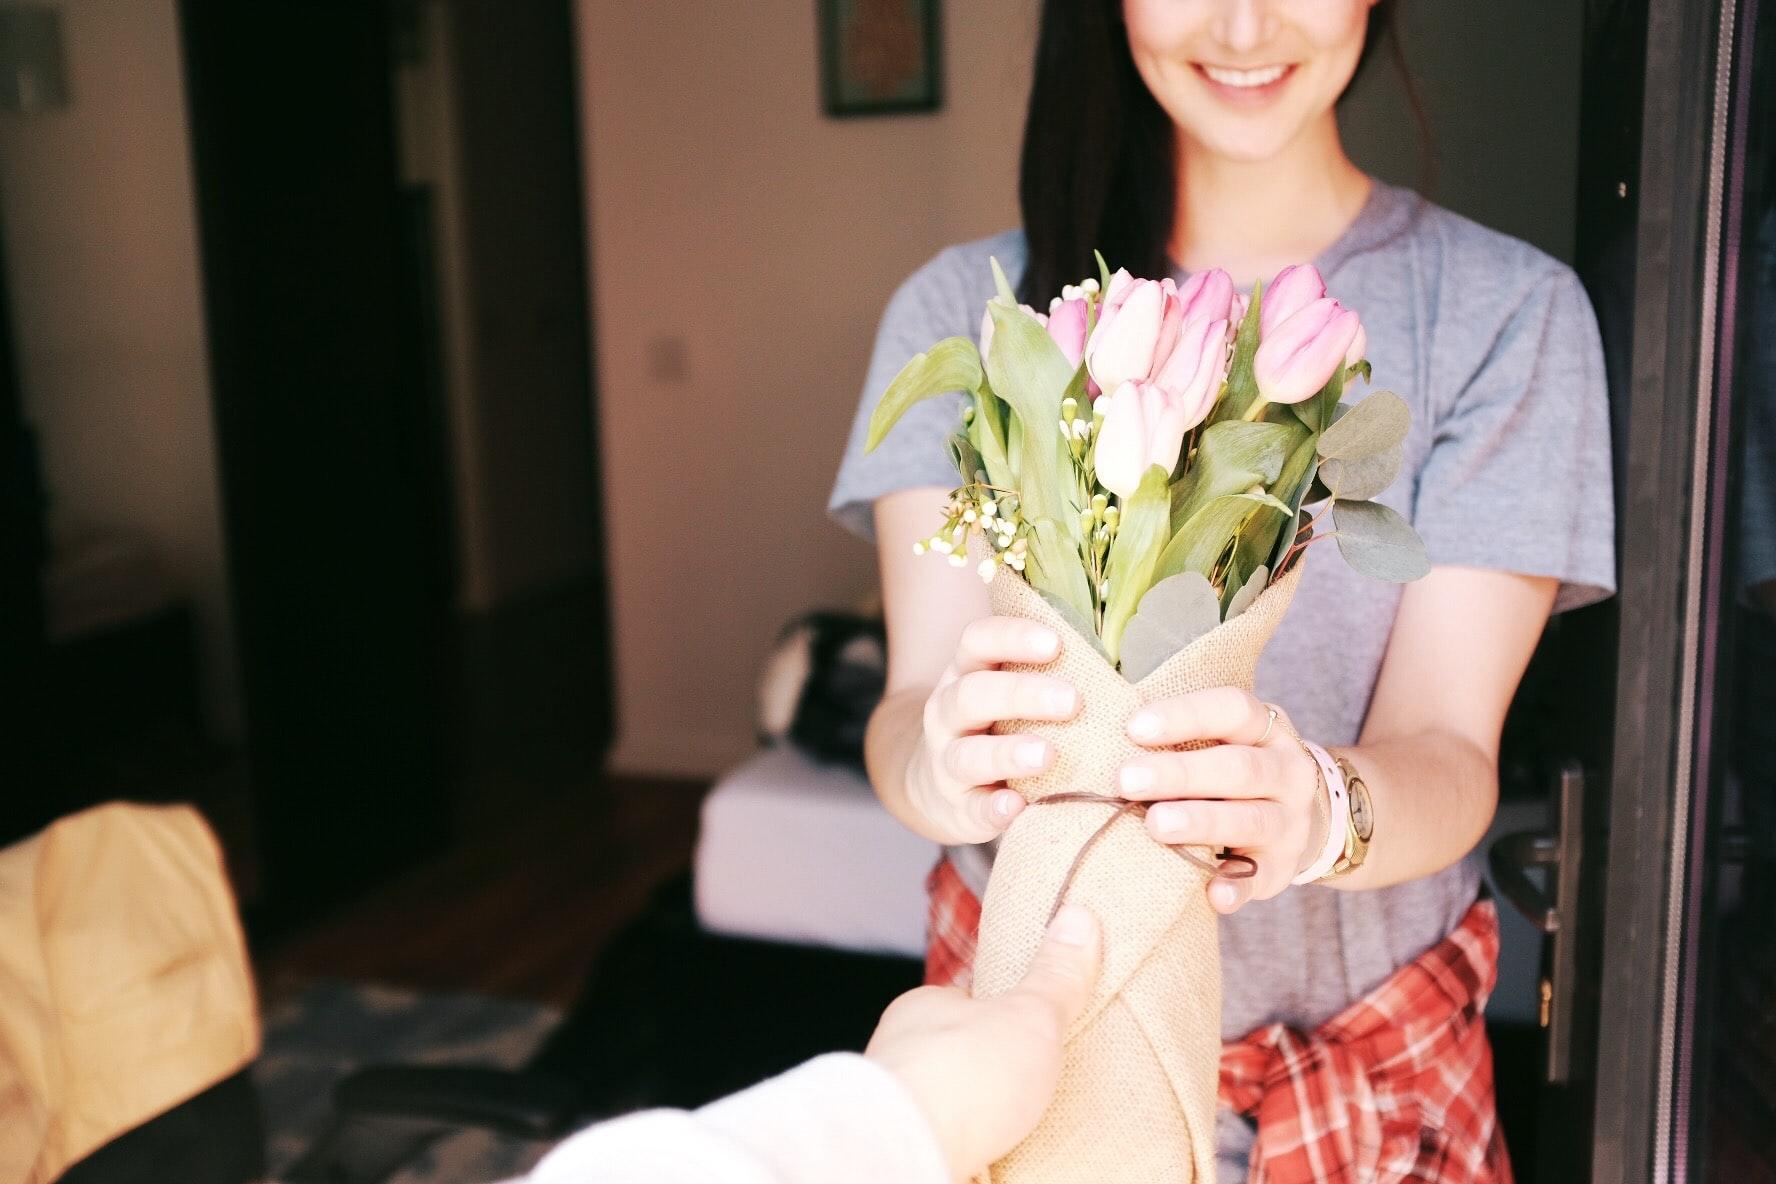 プロポーズに指輪は必須?女性が喜ぶプレゼントとは?静岡KITAGAWA Bridal